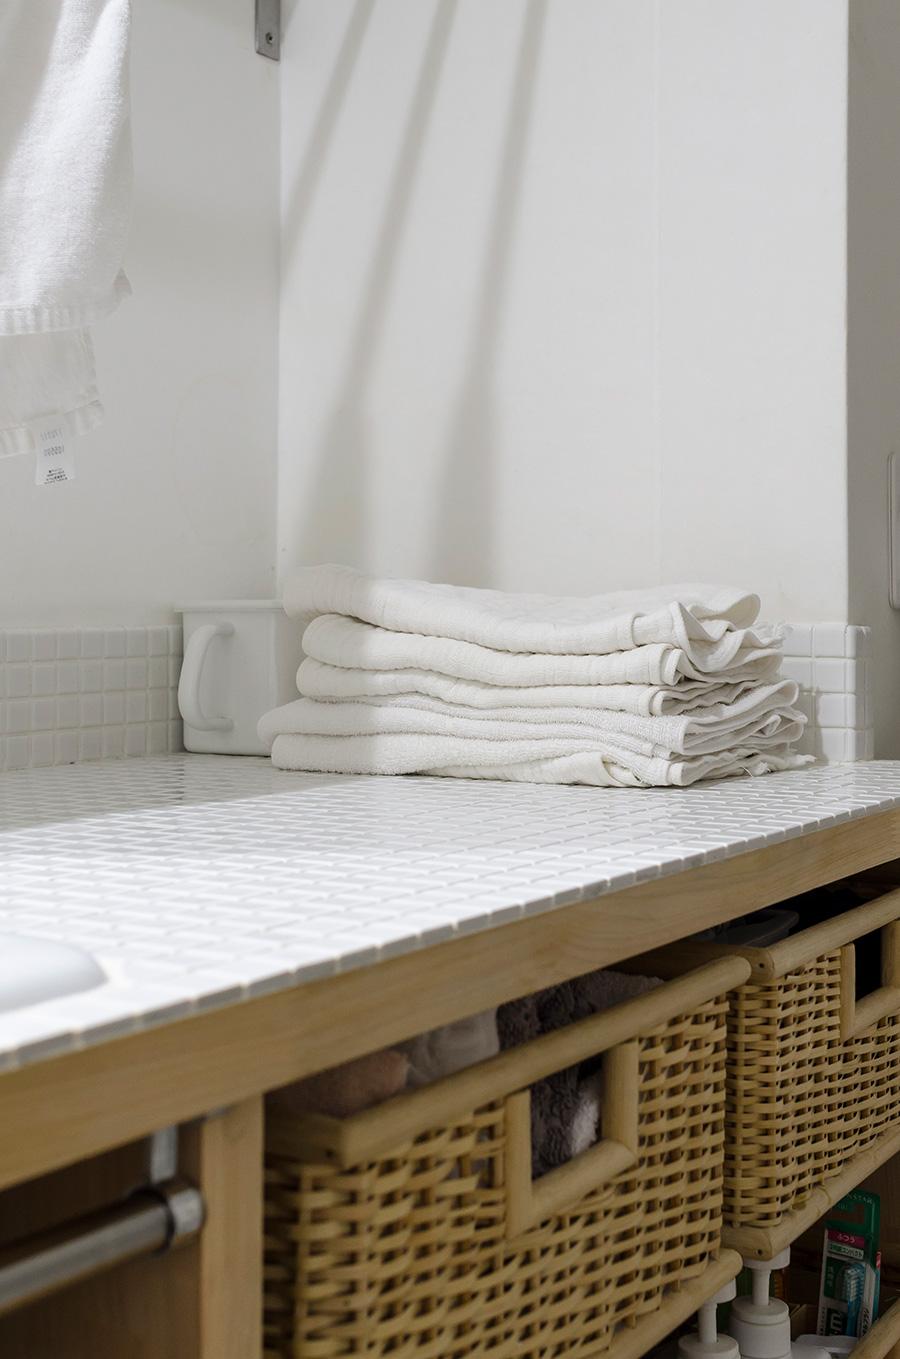 タオルは衛生面から共用せず、ひとり1枚。肌にやさしい素材を愛用。